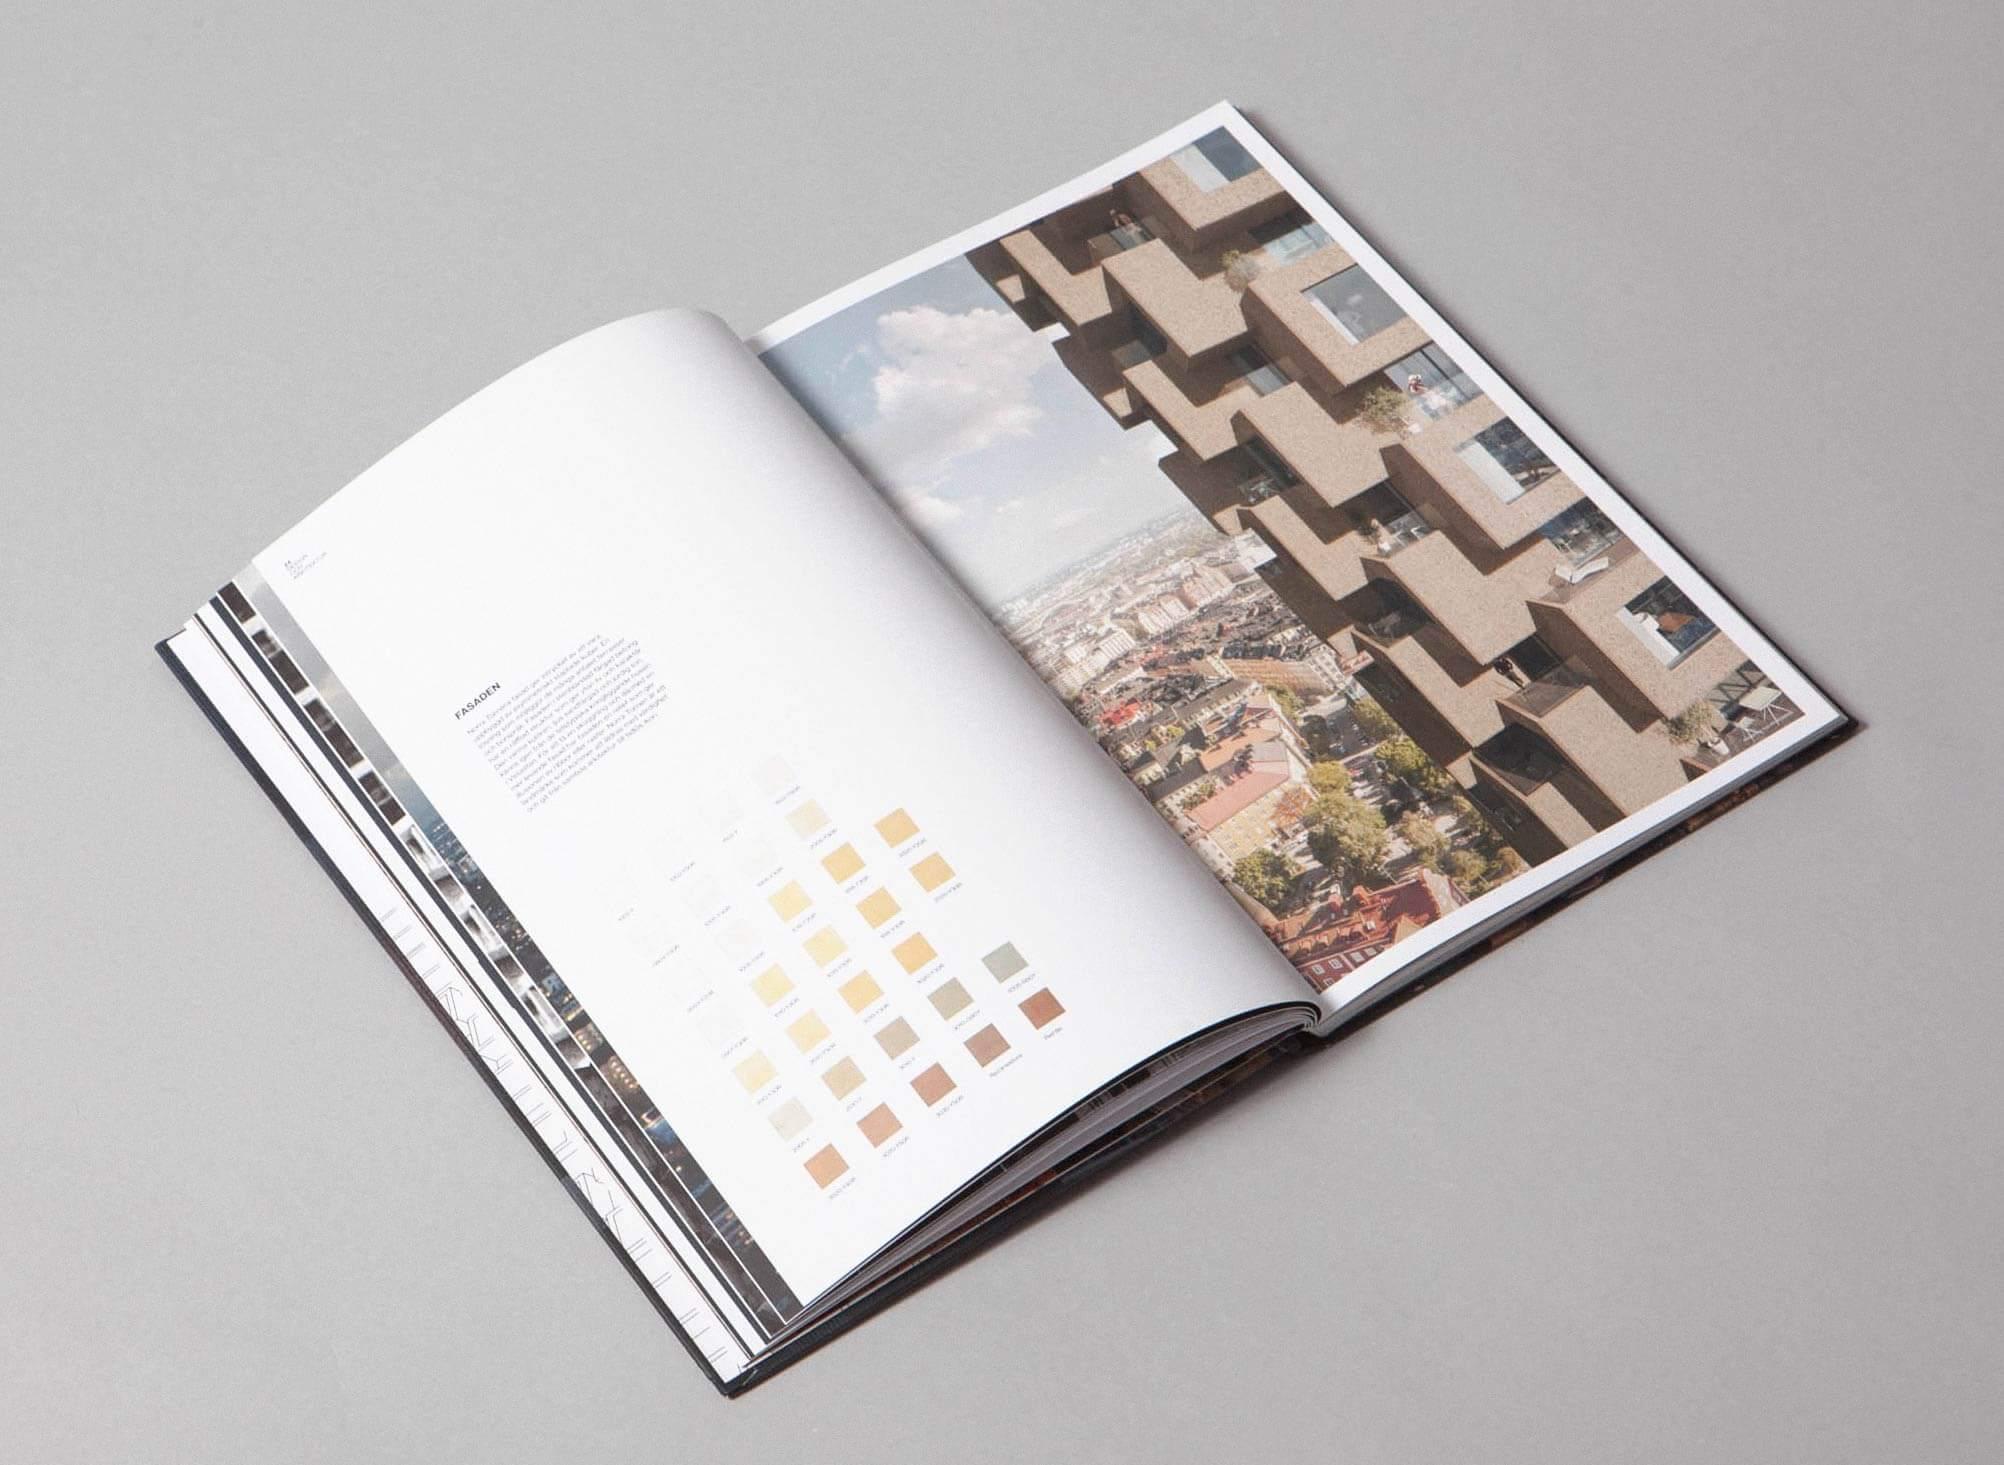 norra-tornen-book-11